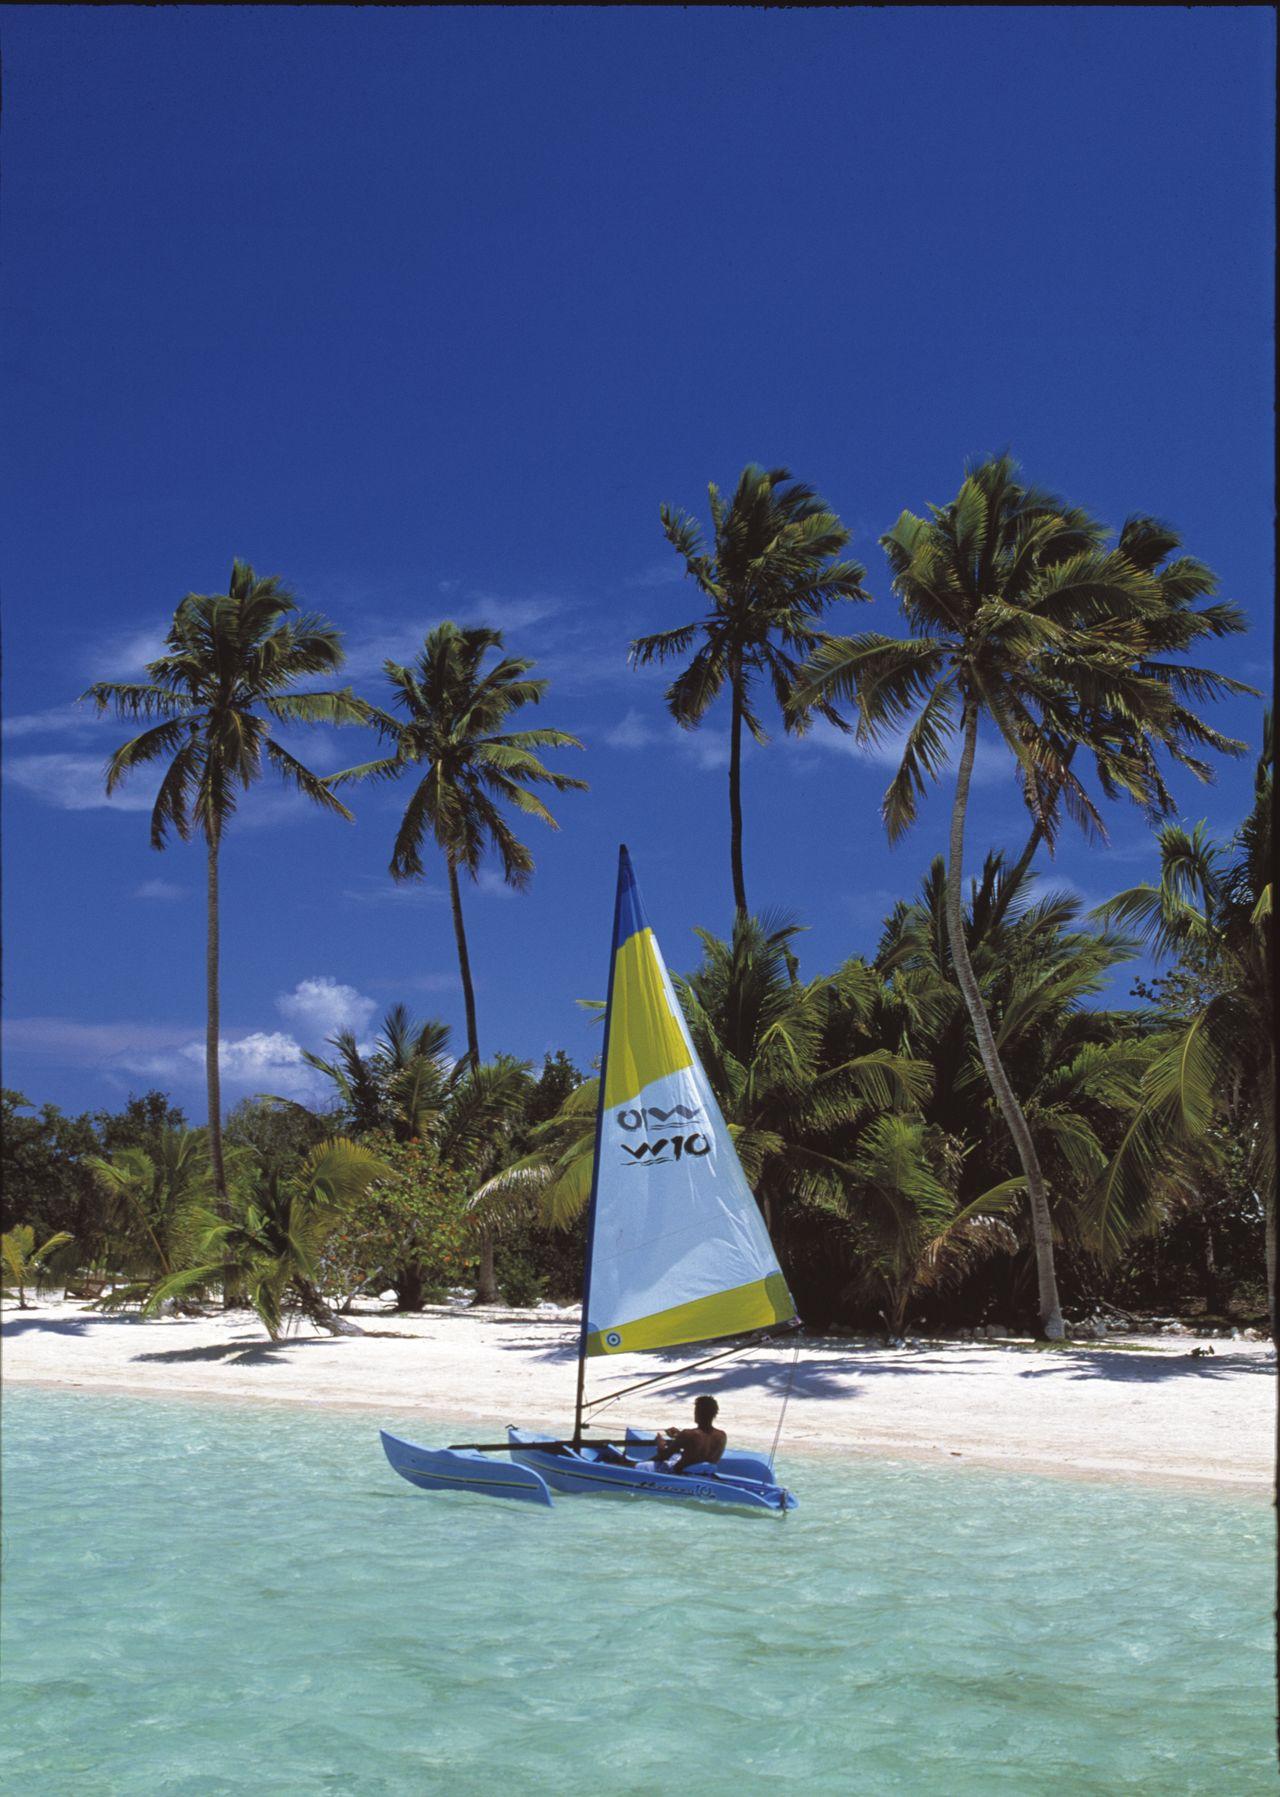 Bahamas Abaco - Bateau à voile